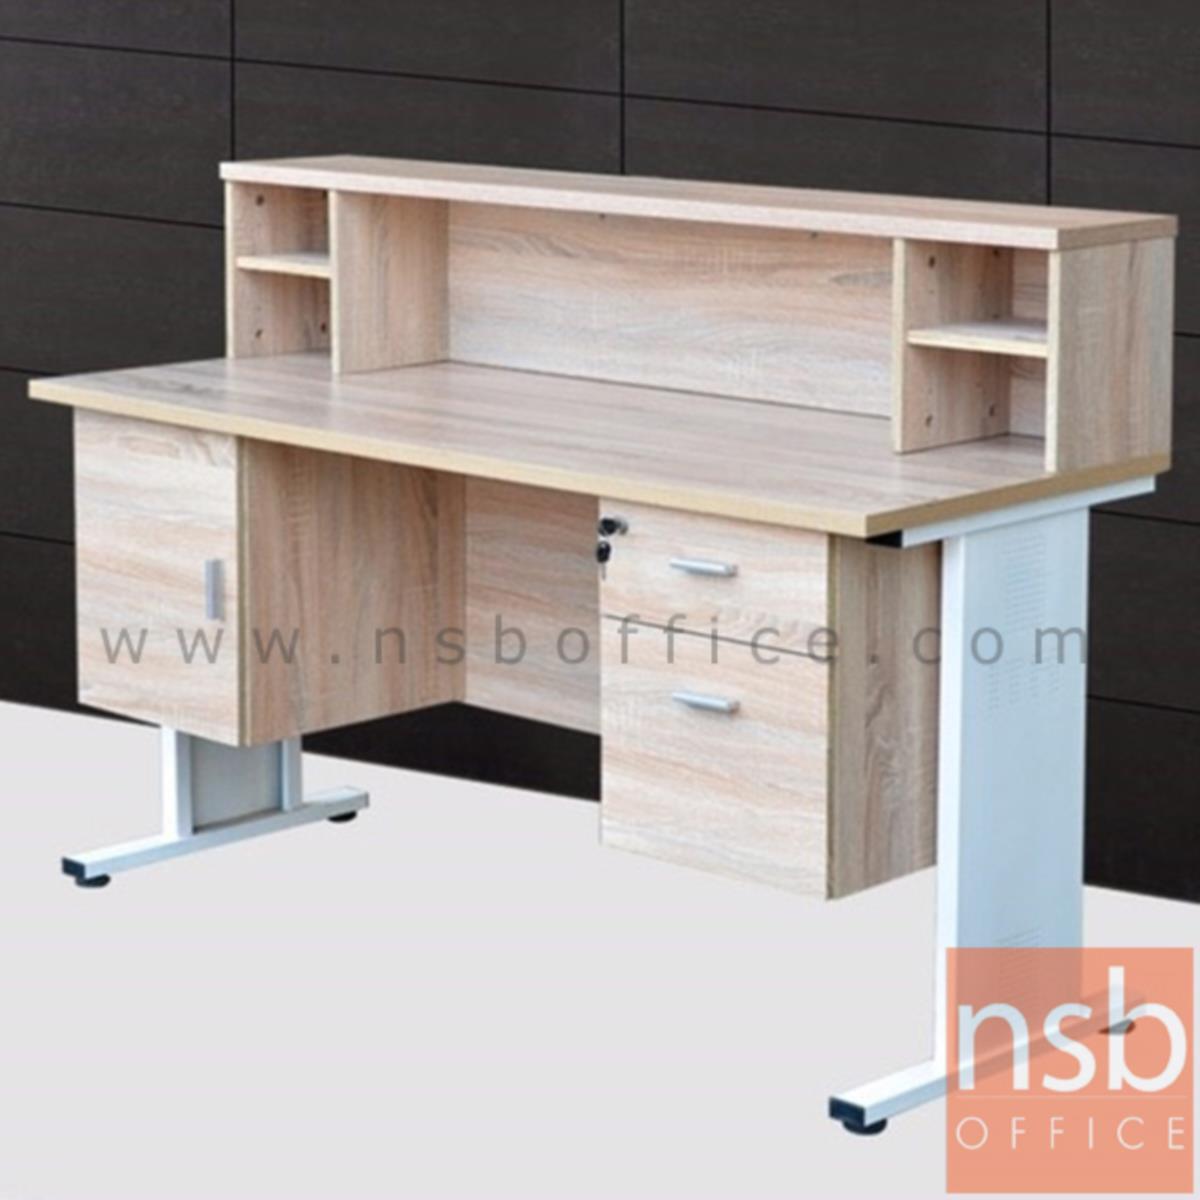 โต๊ะเคาน์เตอร์หน้าตรง 2 ลิ้นชัก 1 บานเปิด รุ่น Advance (แอดวานส์) ขนาด 150W cm. ขาเหล็ก